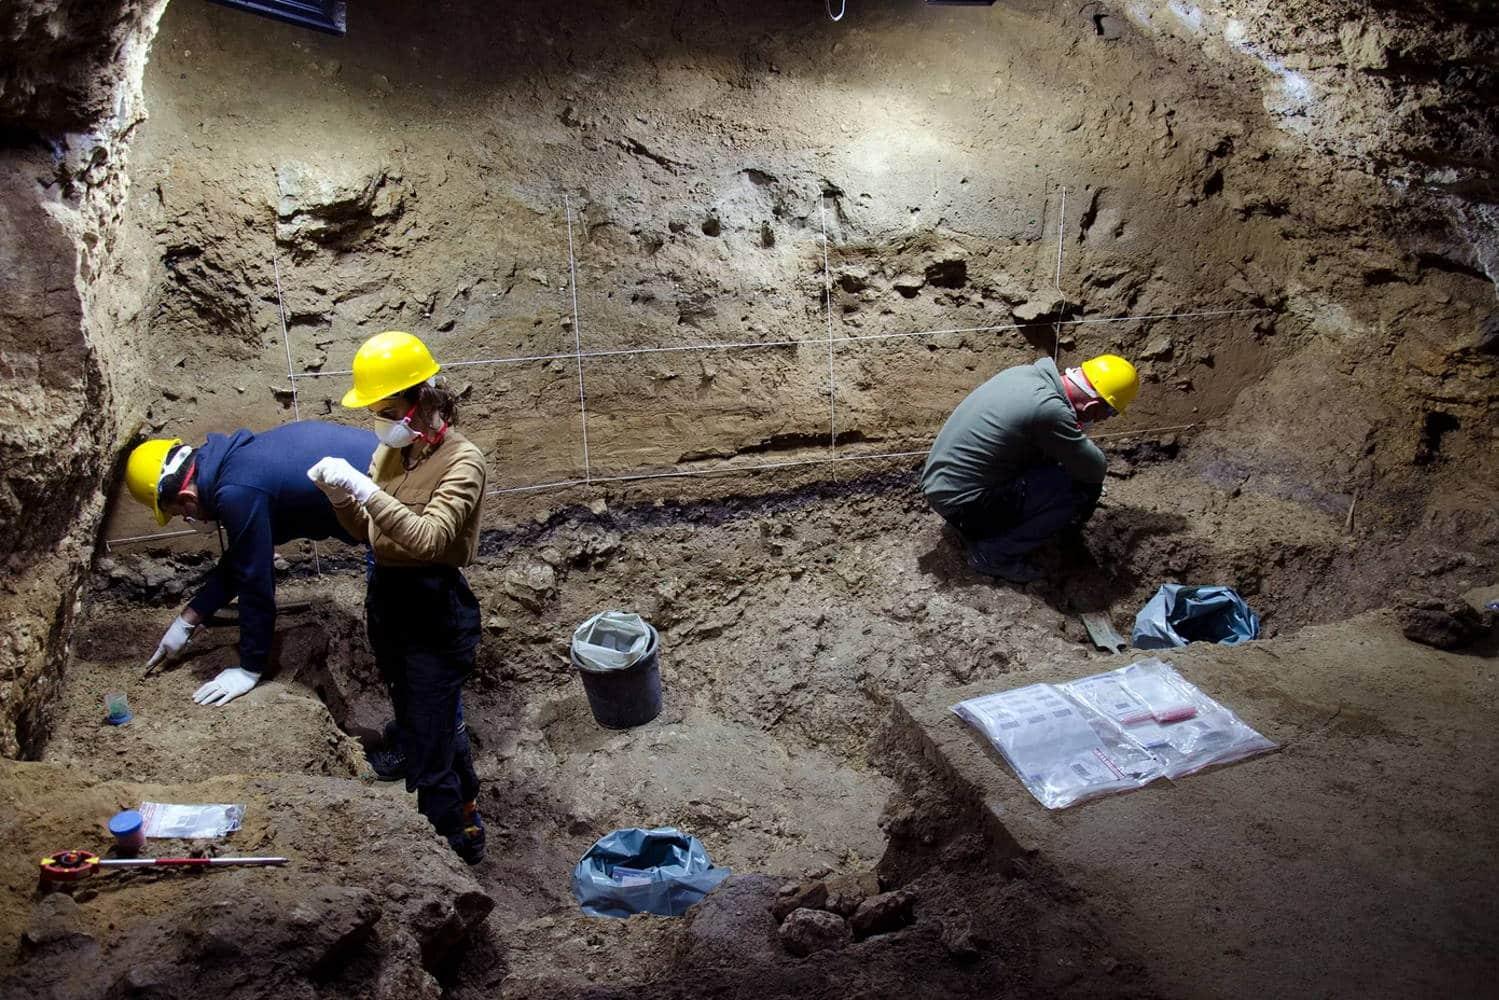 Ausgrabungsarbeiten in der Bacho-Kiro-Höhle in der Saison 2021. Foto: MPI-EVA/ Tsenka Tsanova